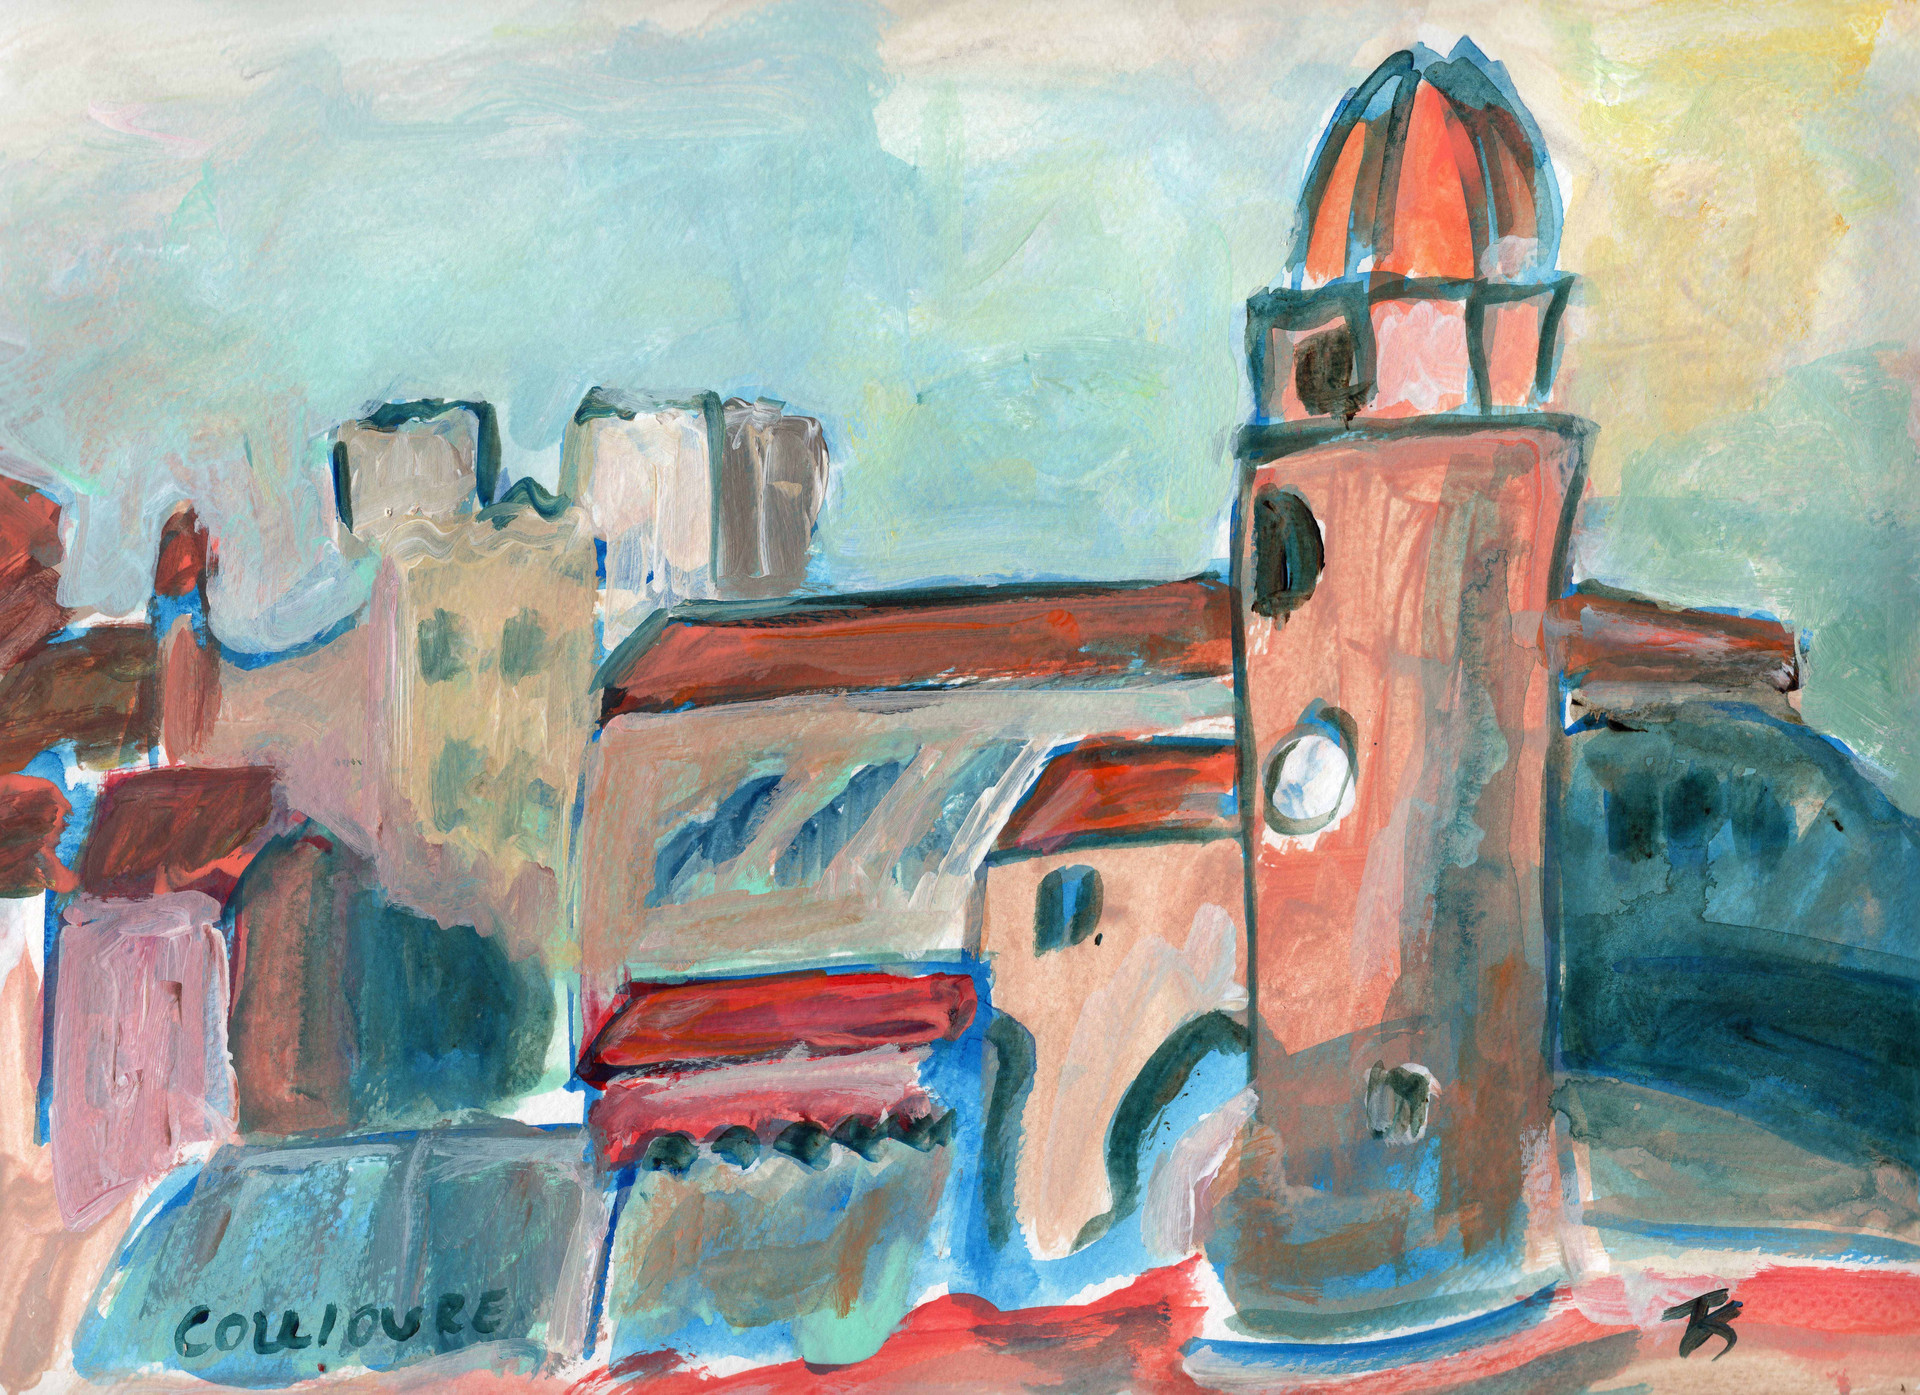 Collioure 5